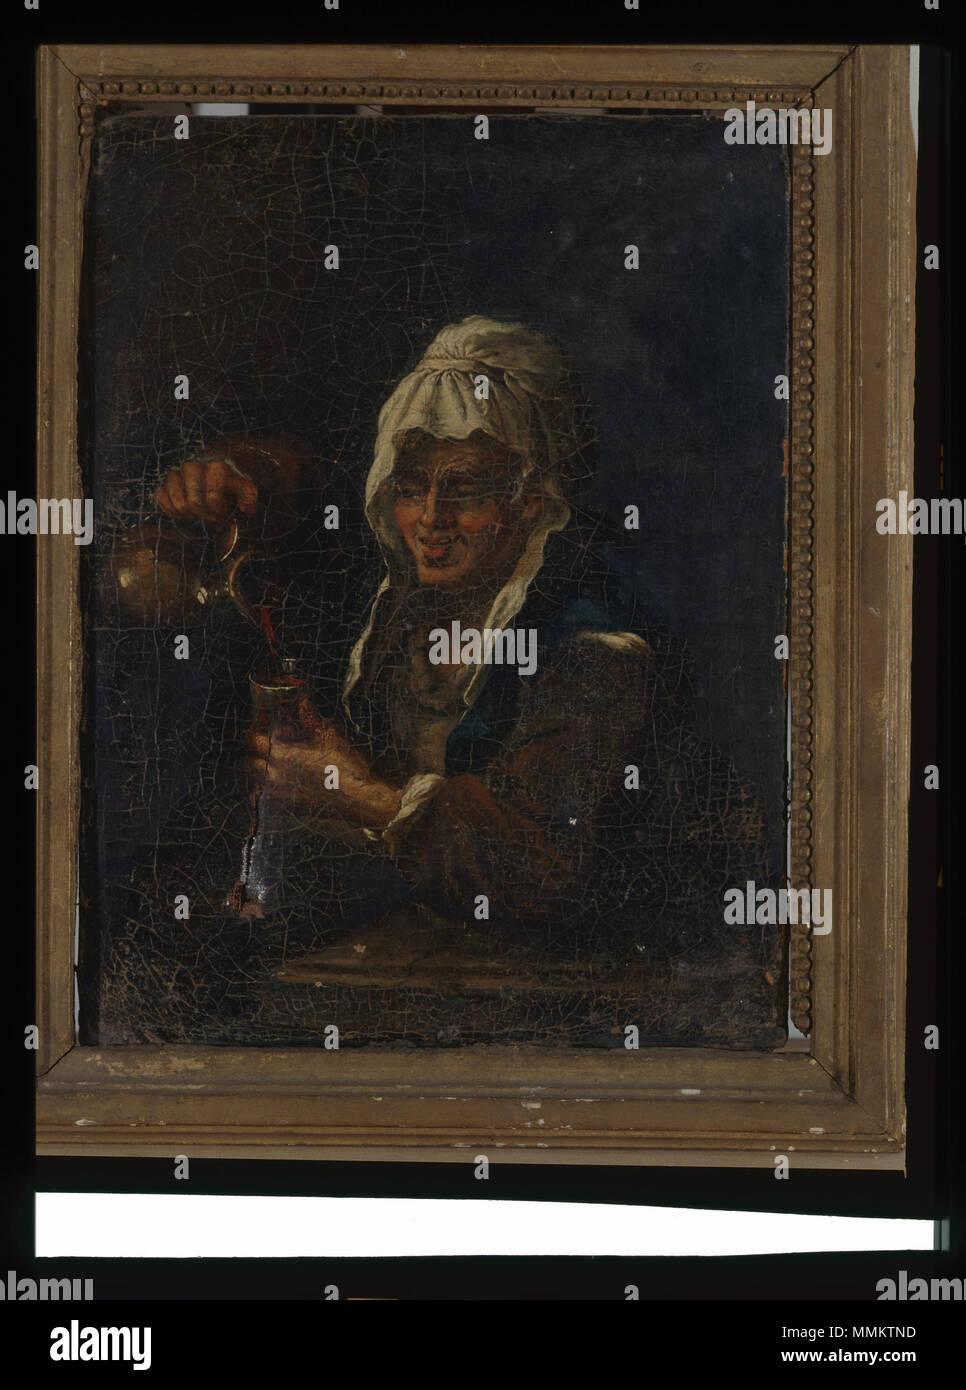 Buveuse - anonyme - Musée d'Art et d'Histoire de Saint-Brieuc, DOC 106 Stockfoto